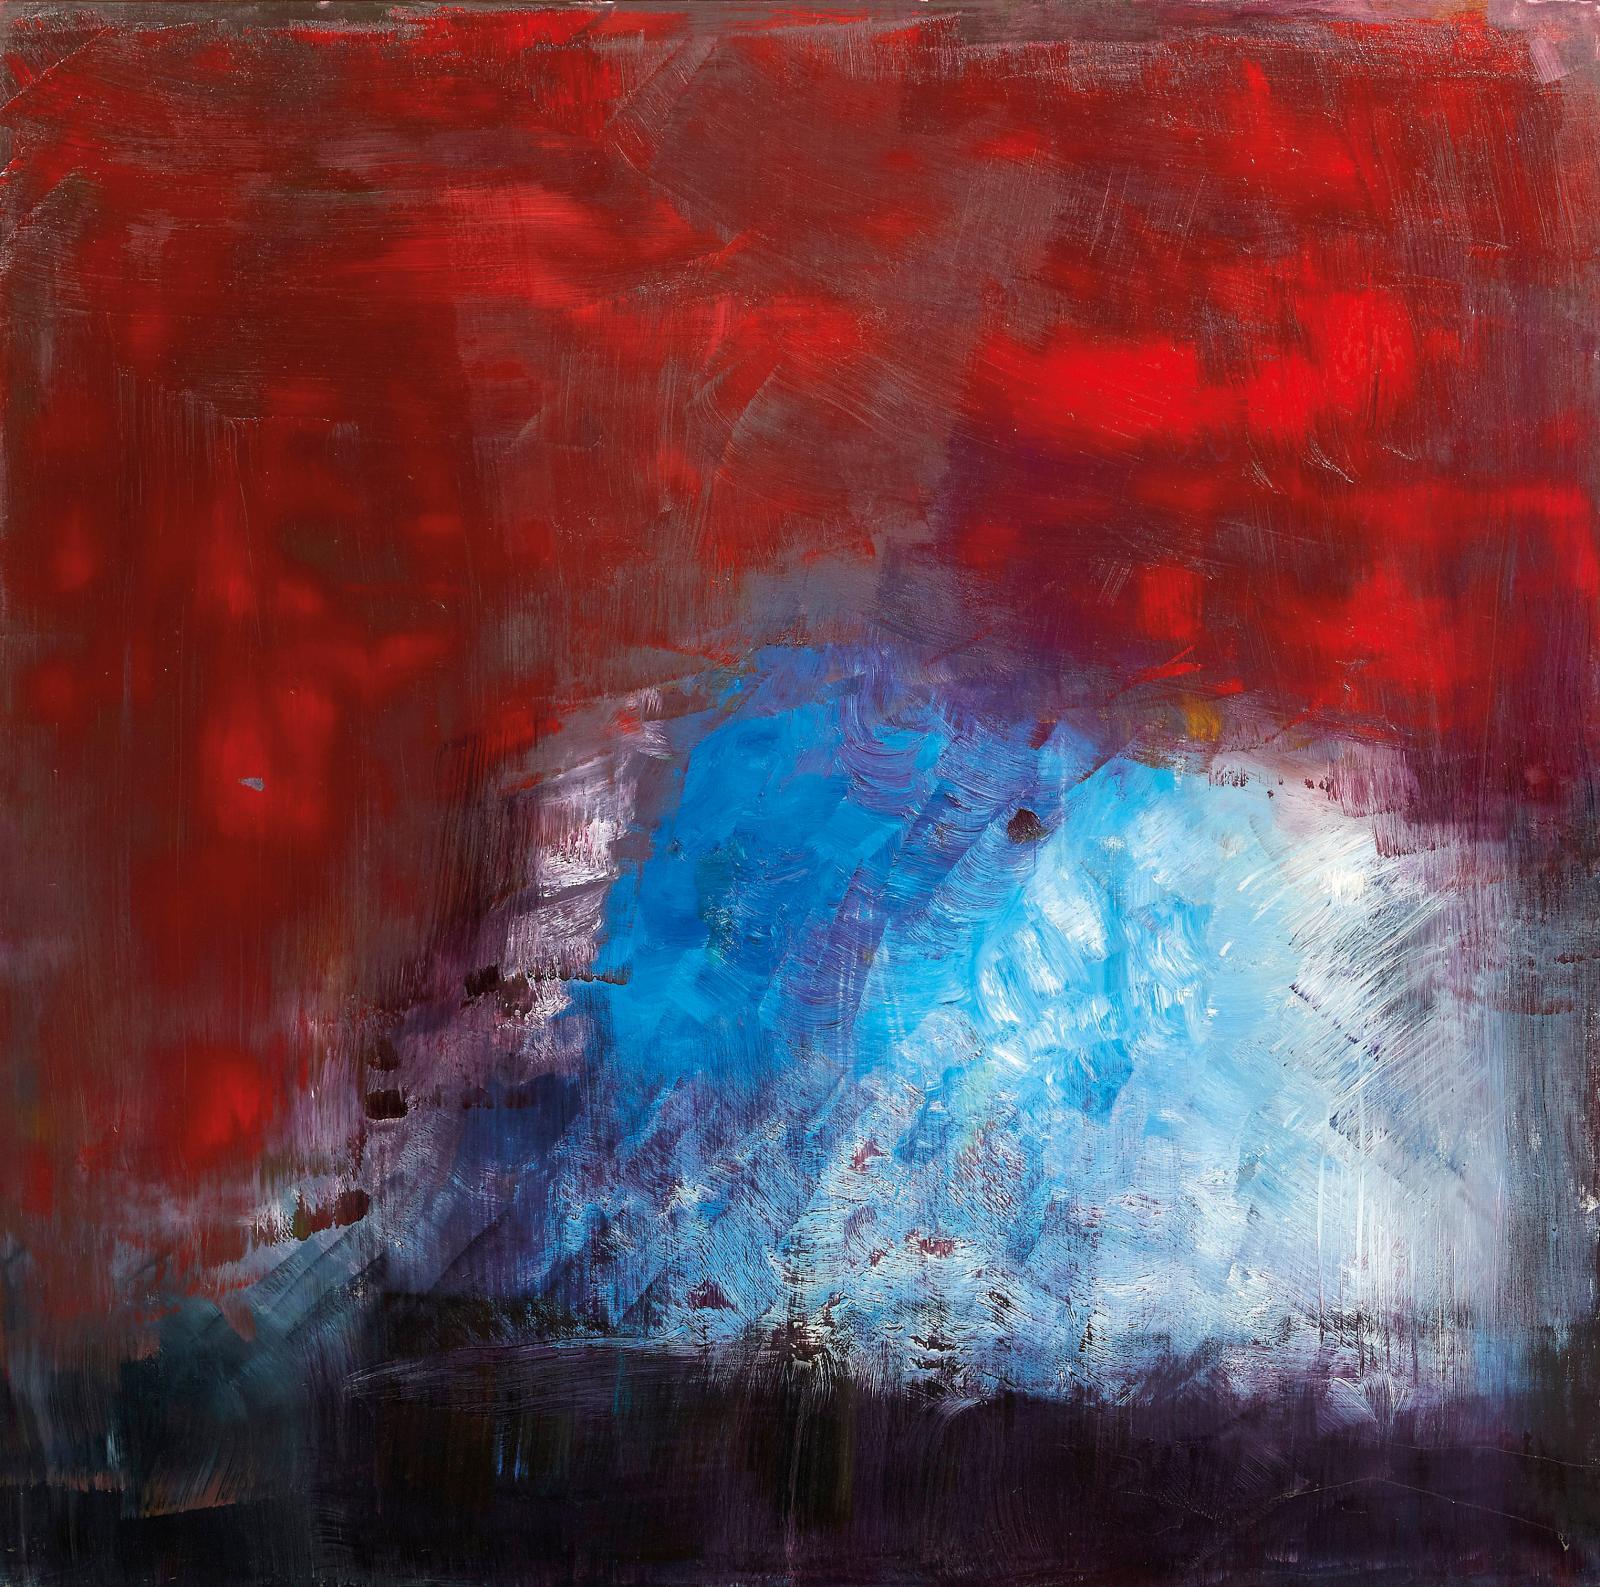 Roger Taillibert (né en 1928), Composition bleue et rouge, huile sur toile, 150 x150 cm (détail). Estimation: 5000/8000€